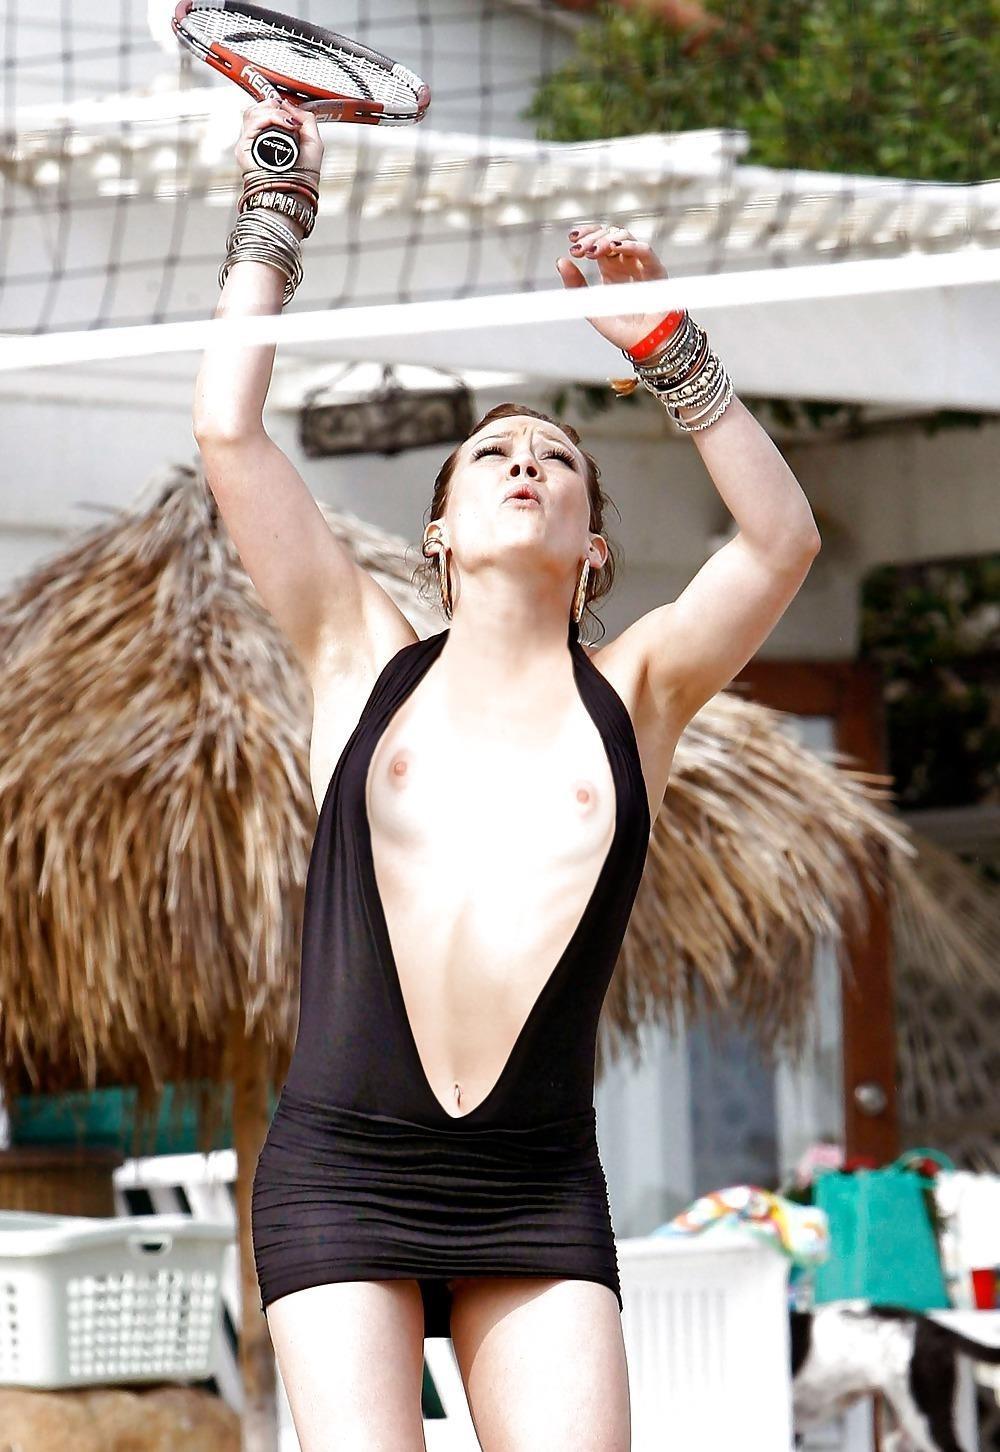 Hilary duff nude pics-4856